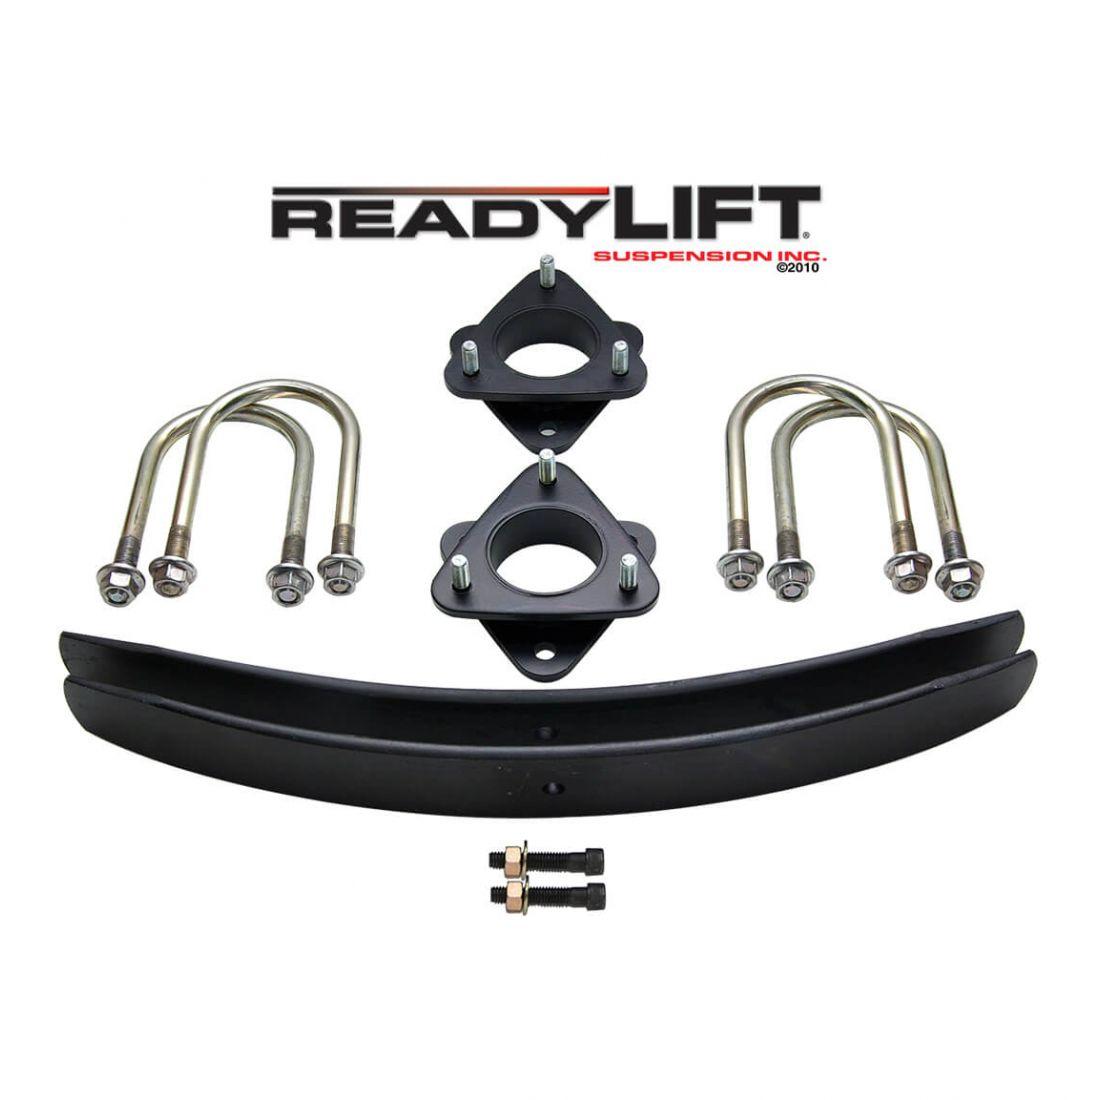 """SteelFront 3/"""" Lift KitFor Tacoma 5-Lug 2005-2015 2WD"""